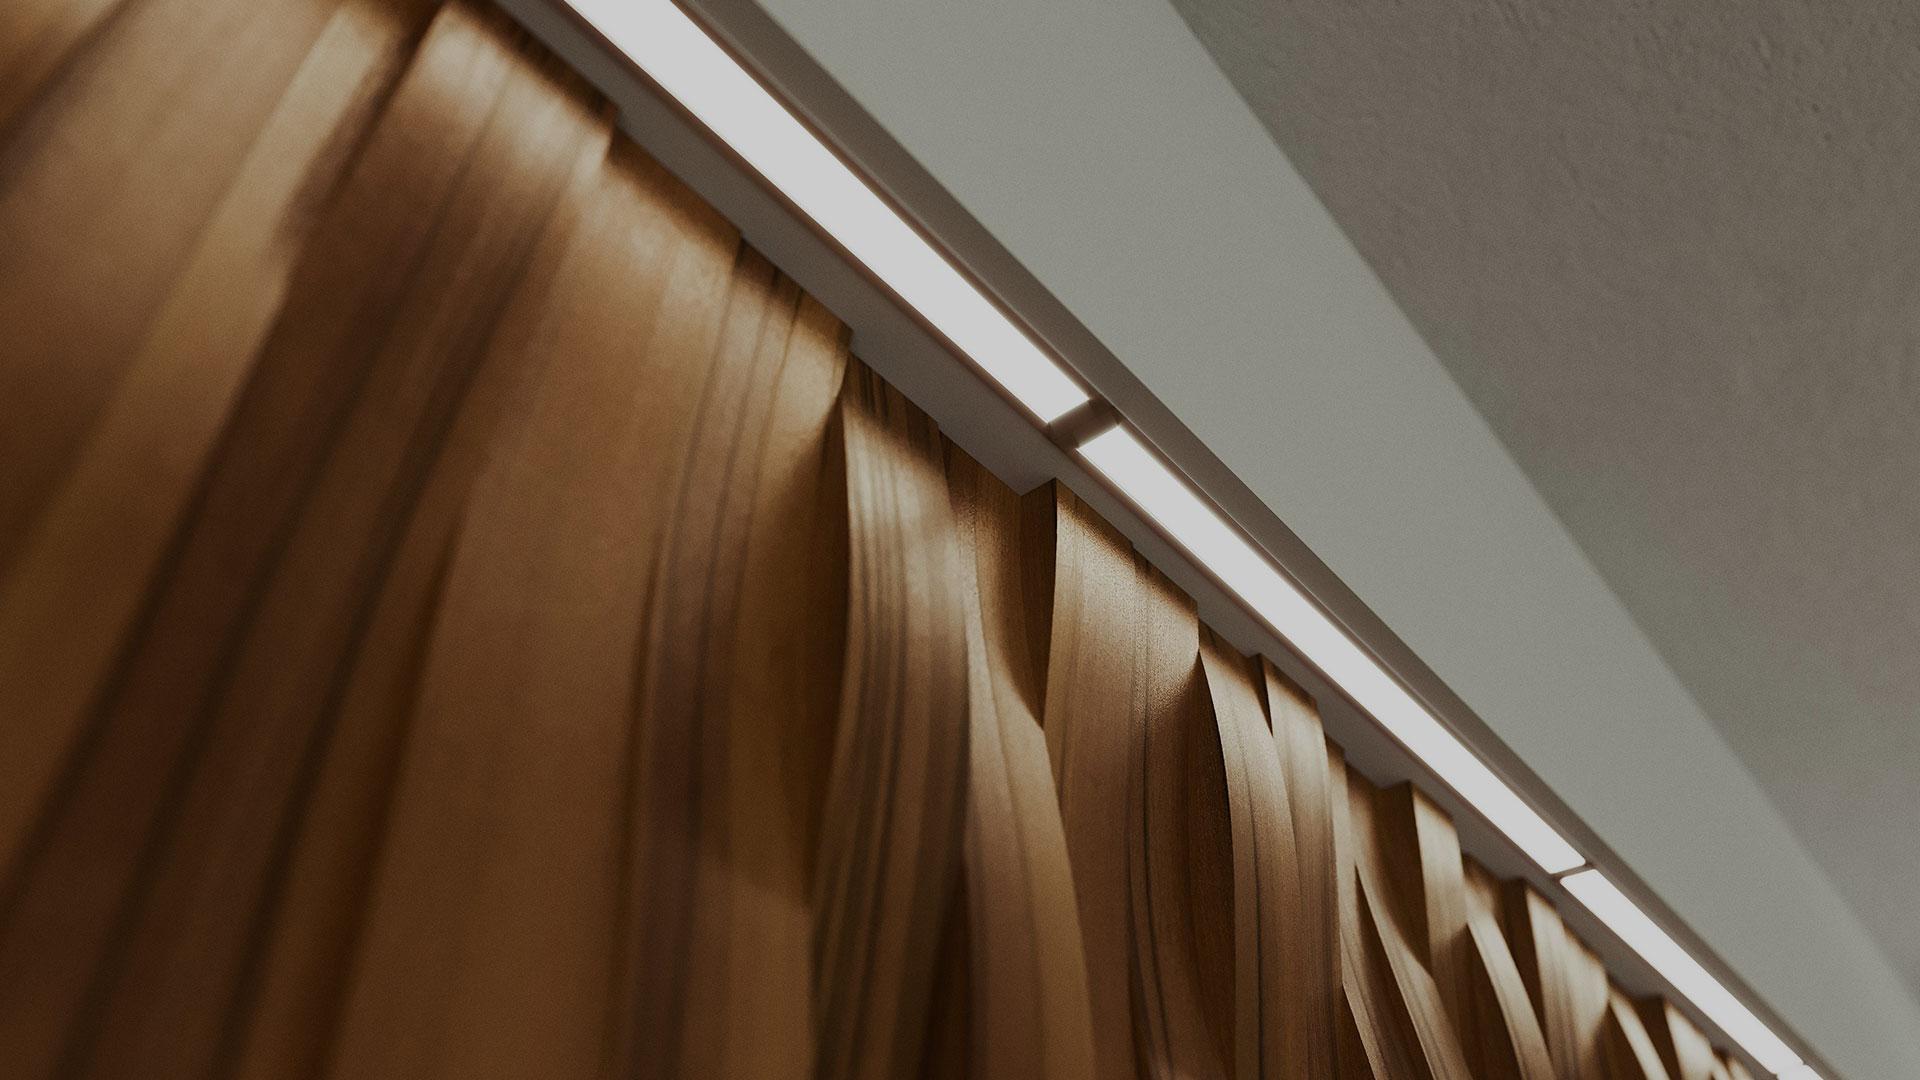 پروفیلهای آلومینیومی روشنایی آلوکورکس ساخت ترکیه - Alucorex Aluminium Systems